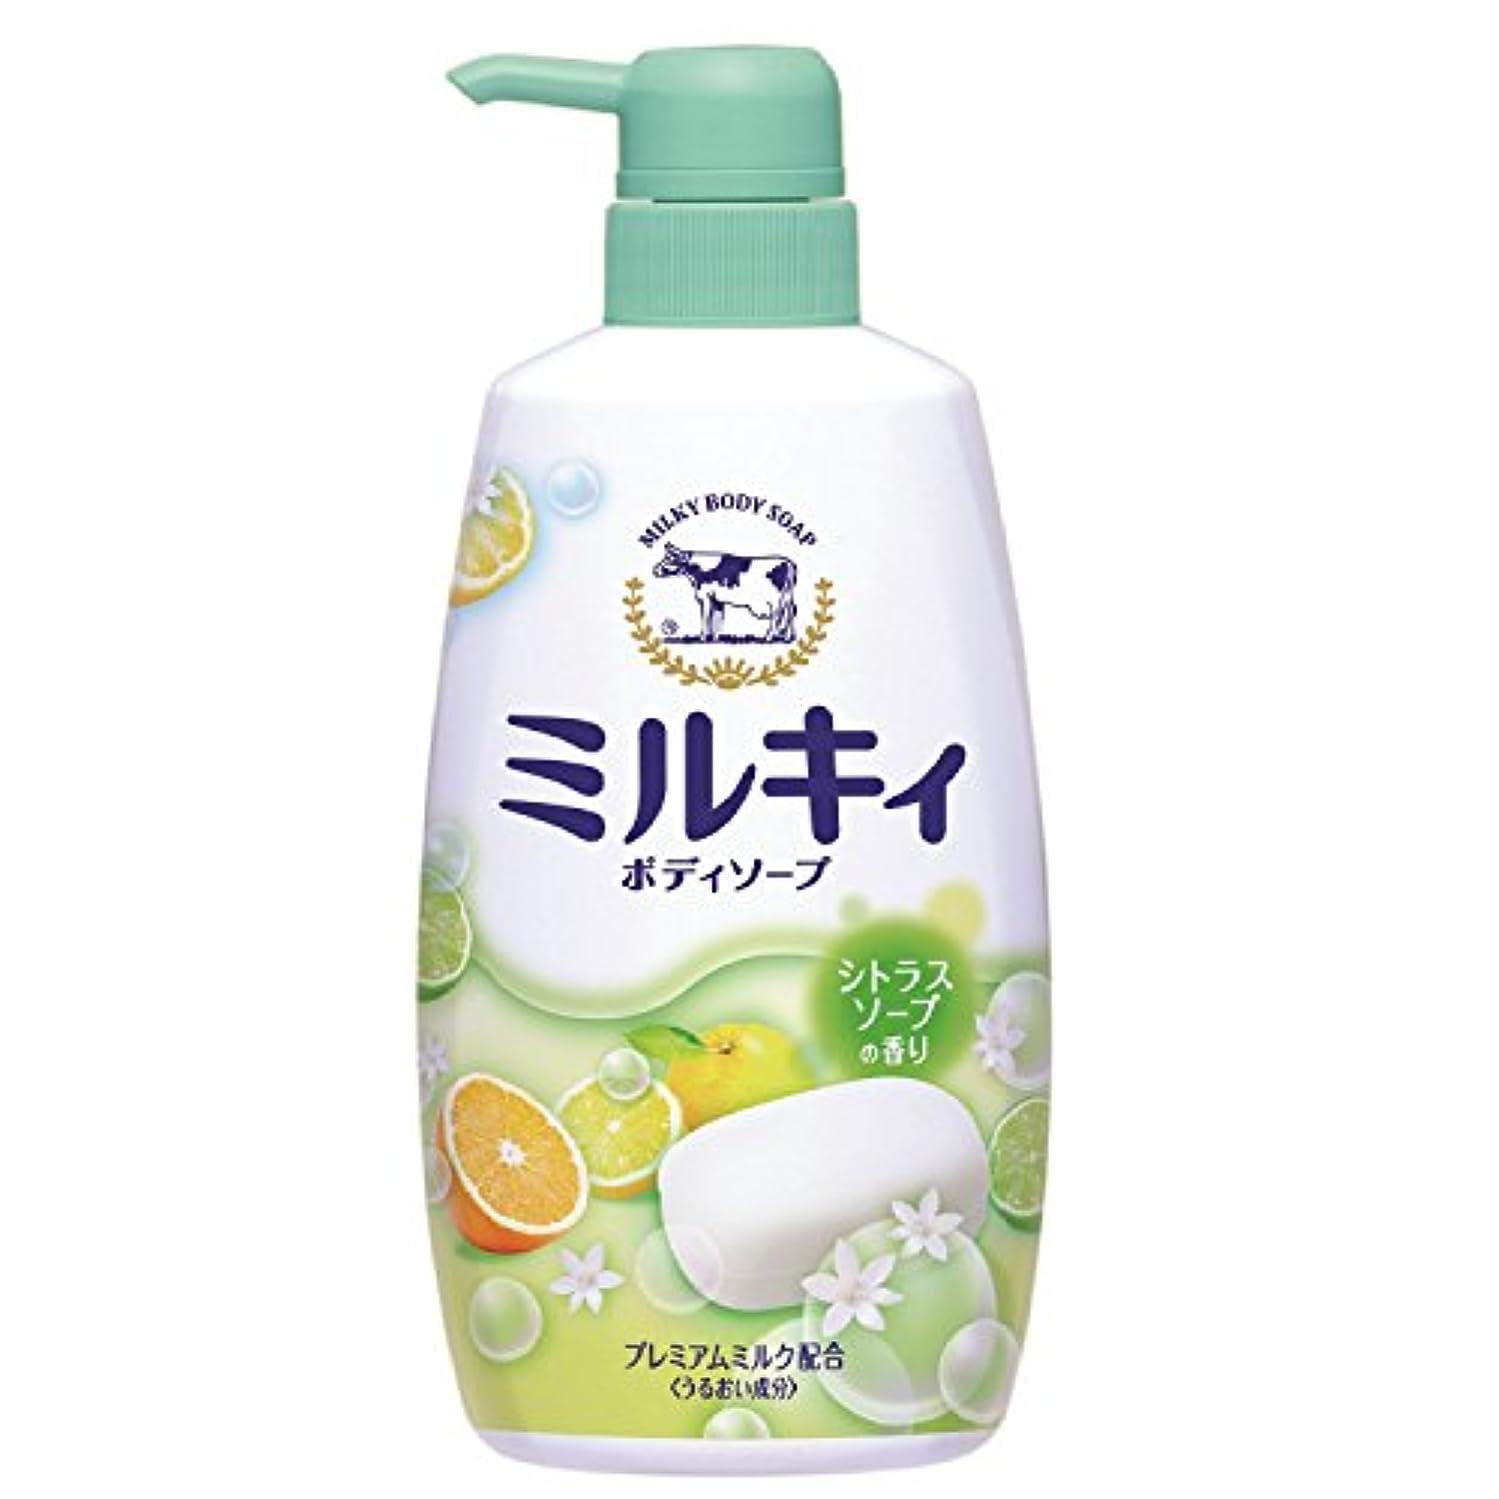 余暇洞察力のある温かいミルキィボディソープシトラスソープの香り ポンプ  550mL